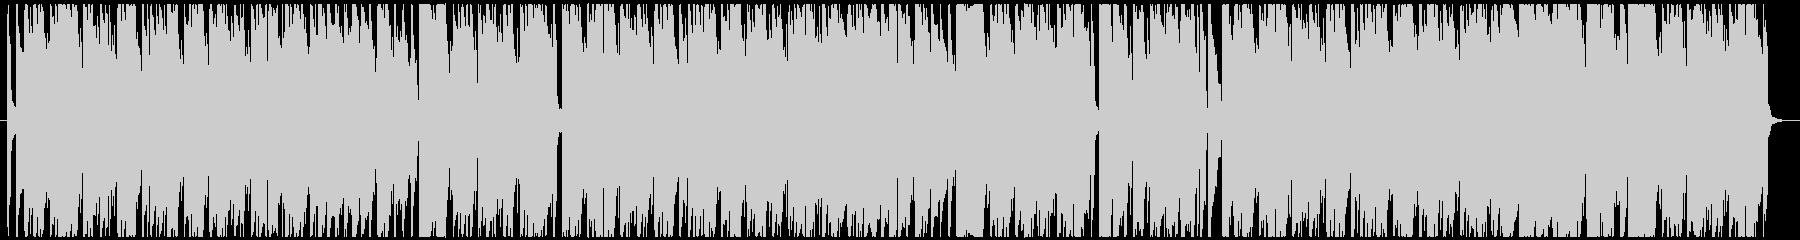 のんびりウキウキ「喜びの歌」の未再生の波形